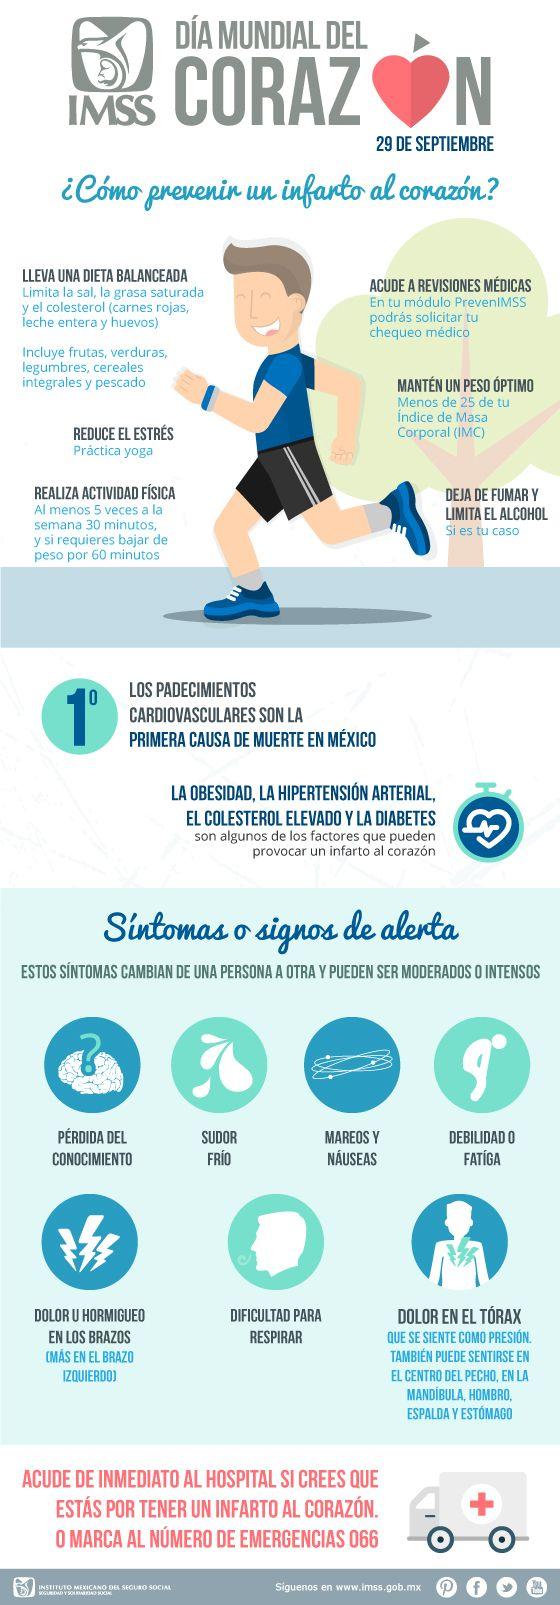 Día Mundial del Corazón. Recomendaciones para prevenir un infarto.